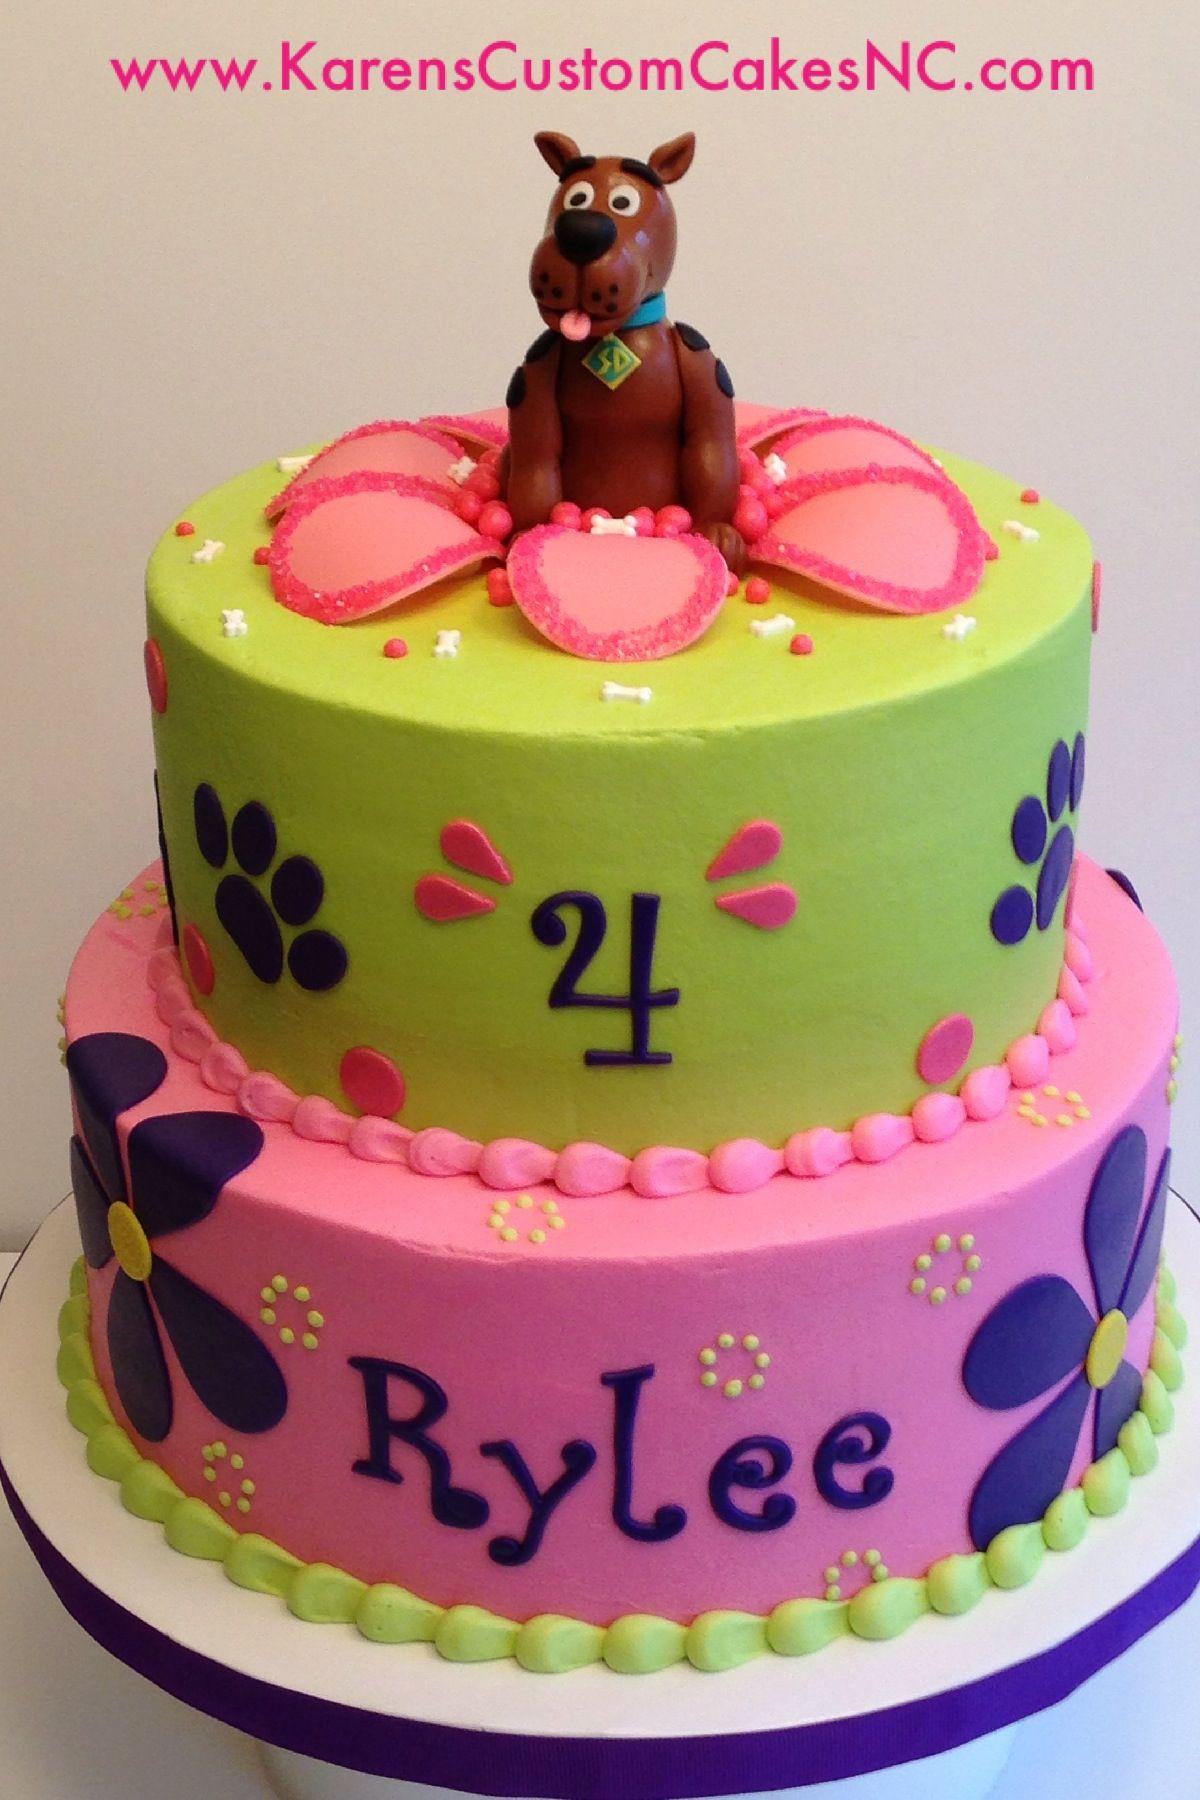 Scooby Doo Birthday Cakes  Girly Scooby Doo cake